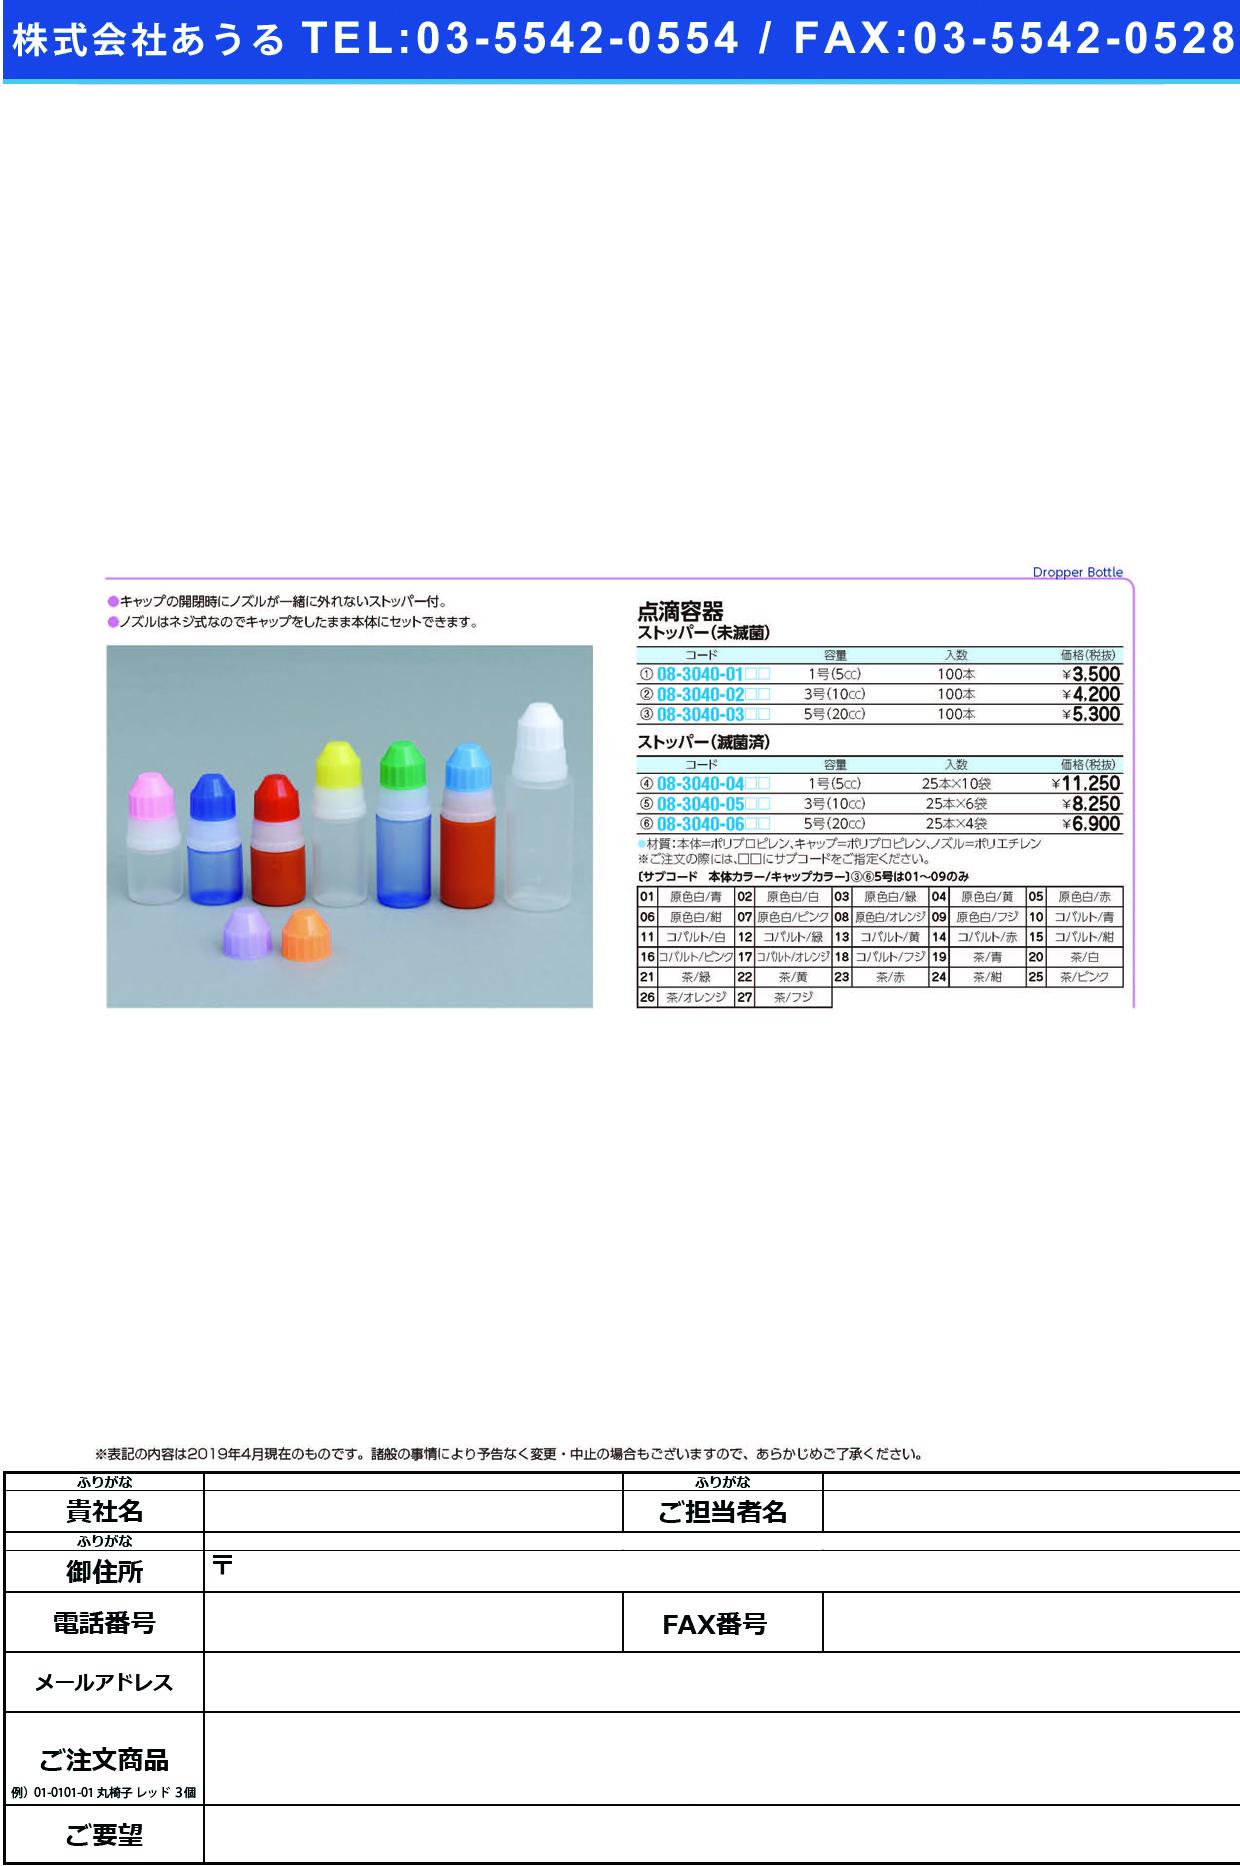 (08-3040-02)点滴容器ストッパー3号(未滅菌) 10CC(100ポンイリ) ストッパー3ゴウ(ミメッキン) 本体:白キャップ:青(エムアイケミカル)【1袋単位】【2019年カタログ商品】